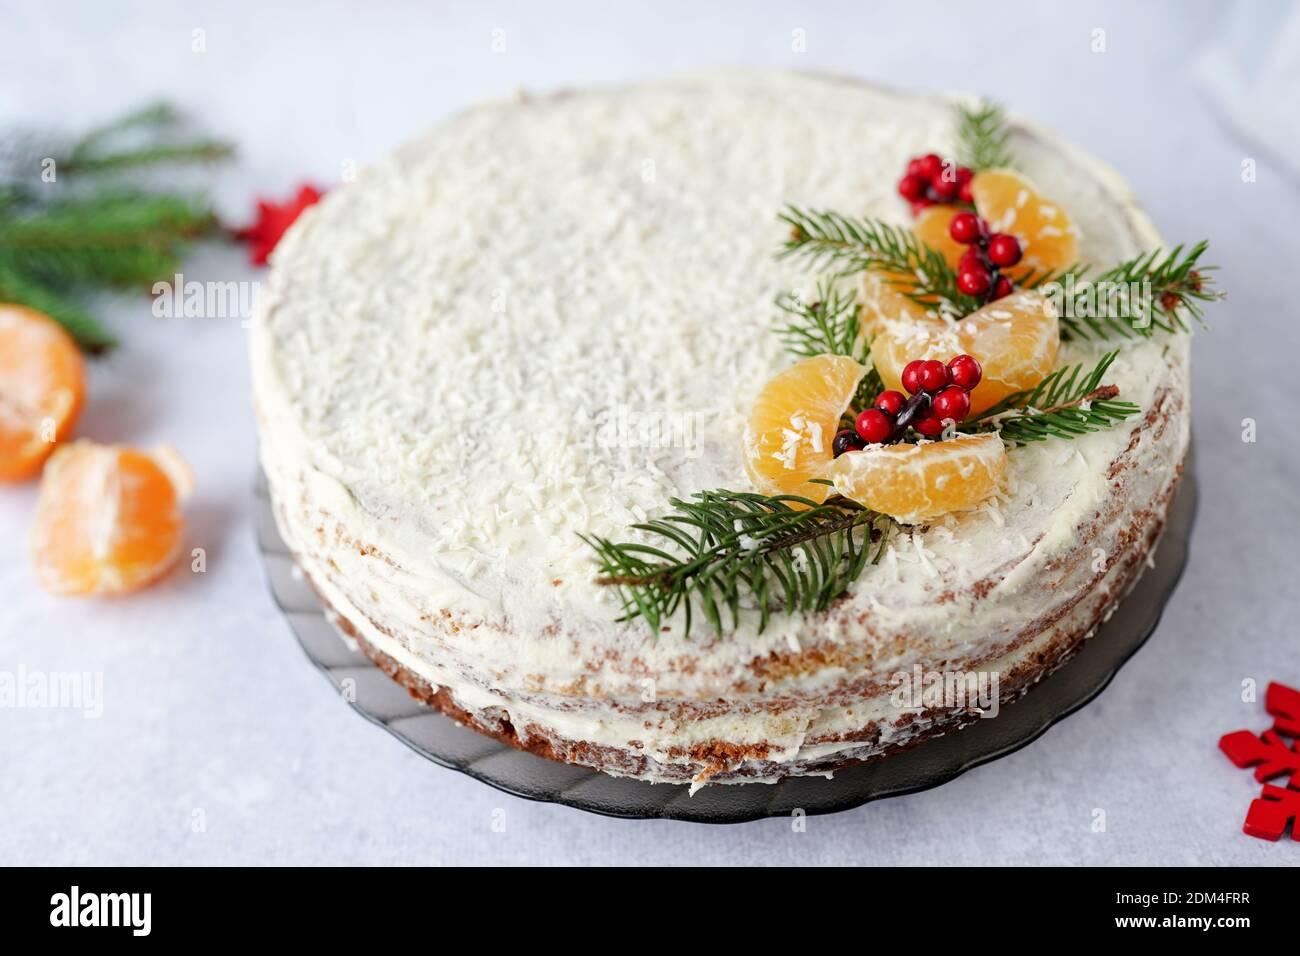 Comida de Navidad pastel de fruta, cubierto de verdor de invierno, bayas decorativas y tangerinas Foto de stock